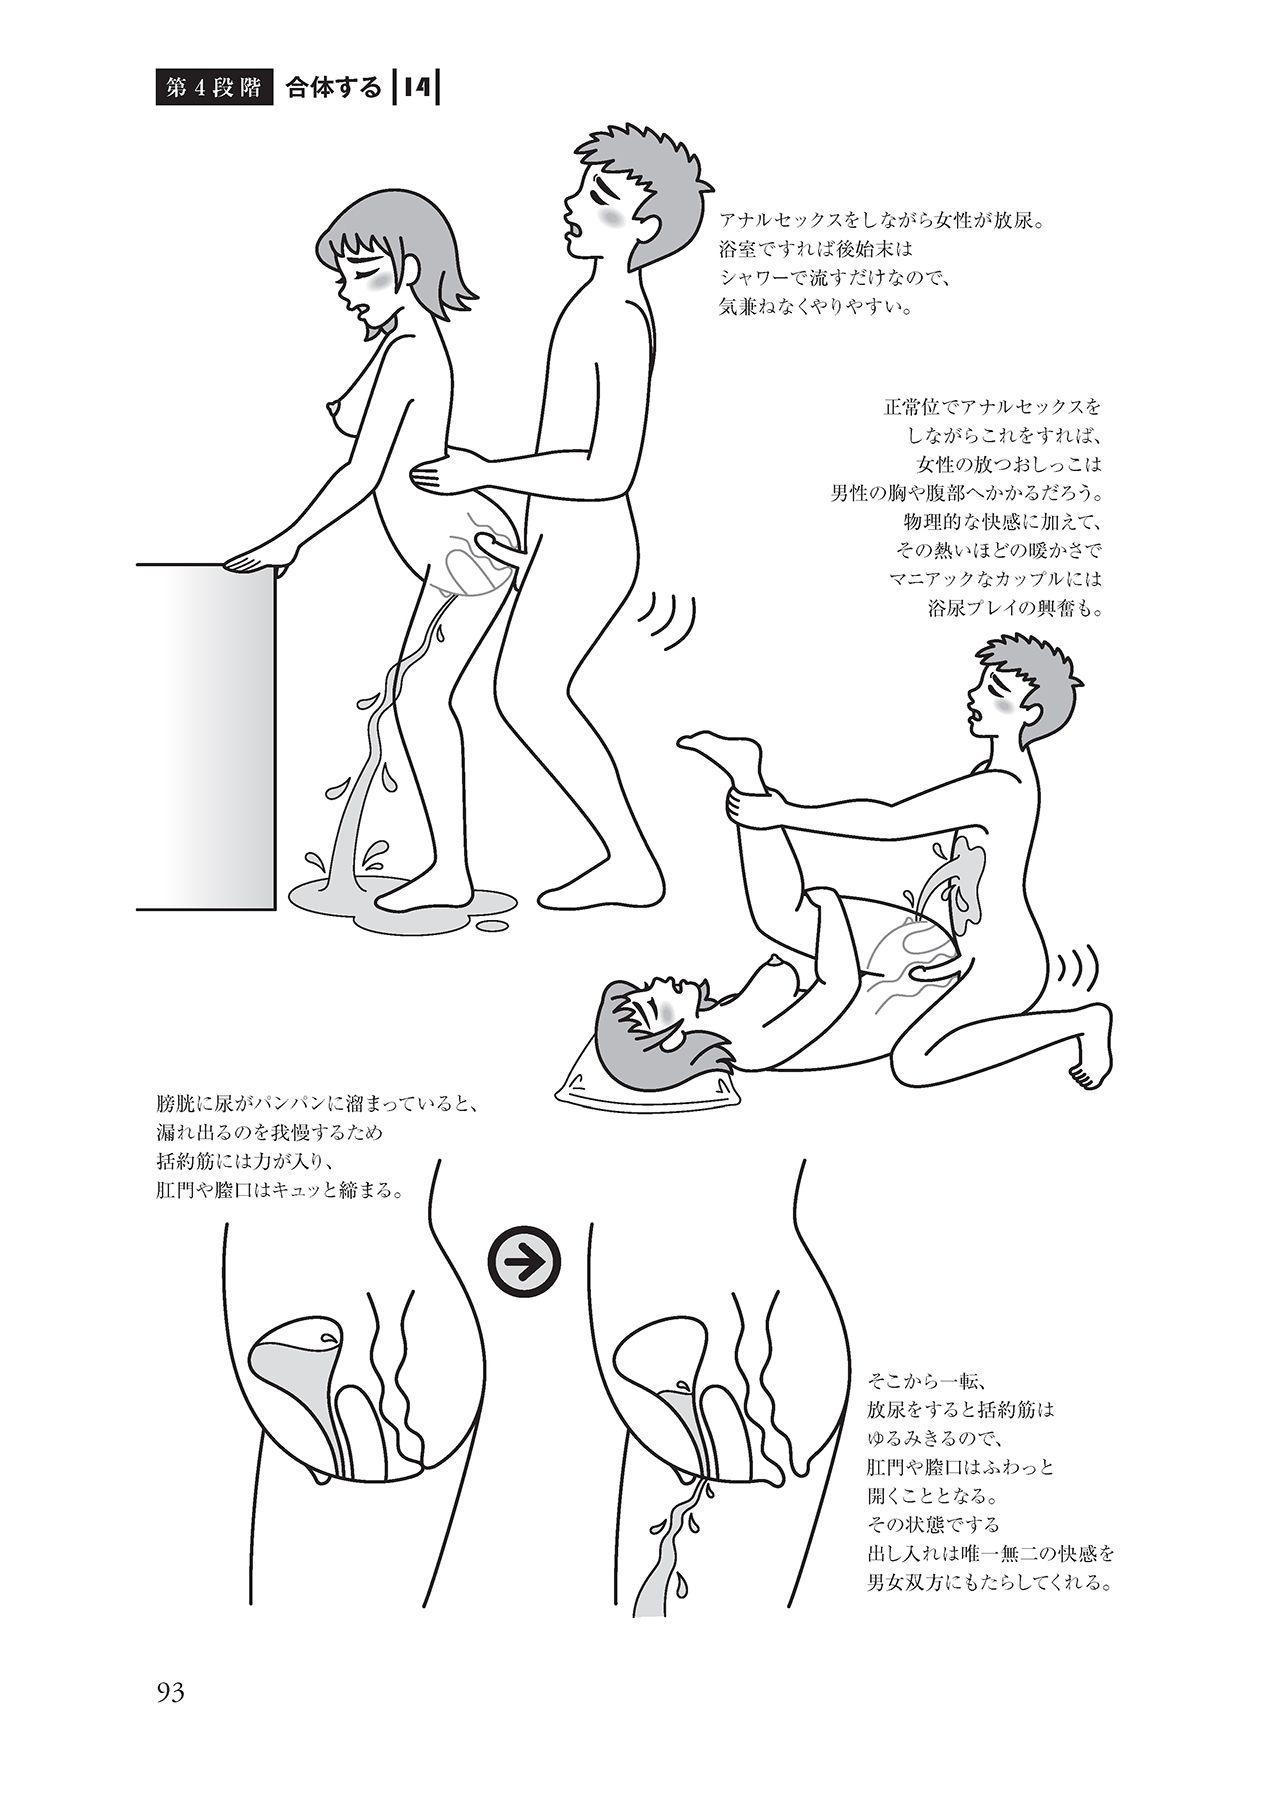 アナル性感開発・お尻エッチ 完全マニュアル 94